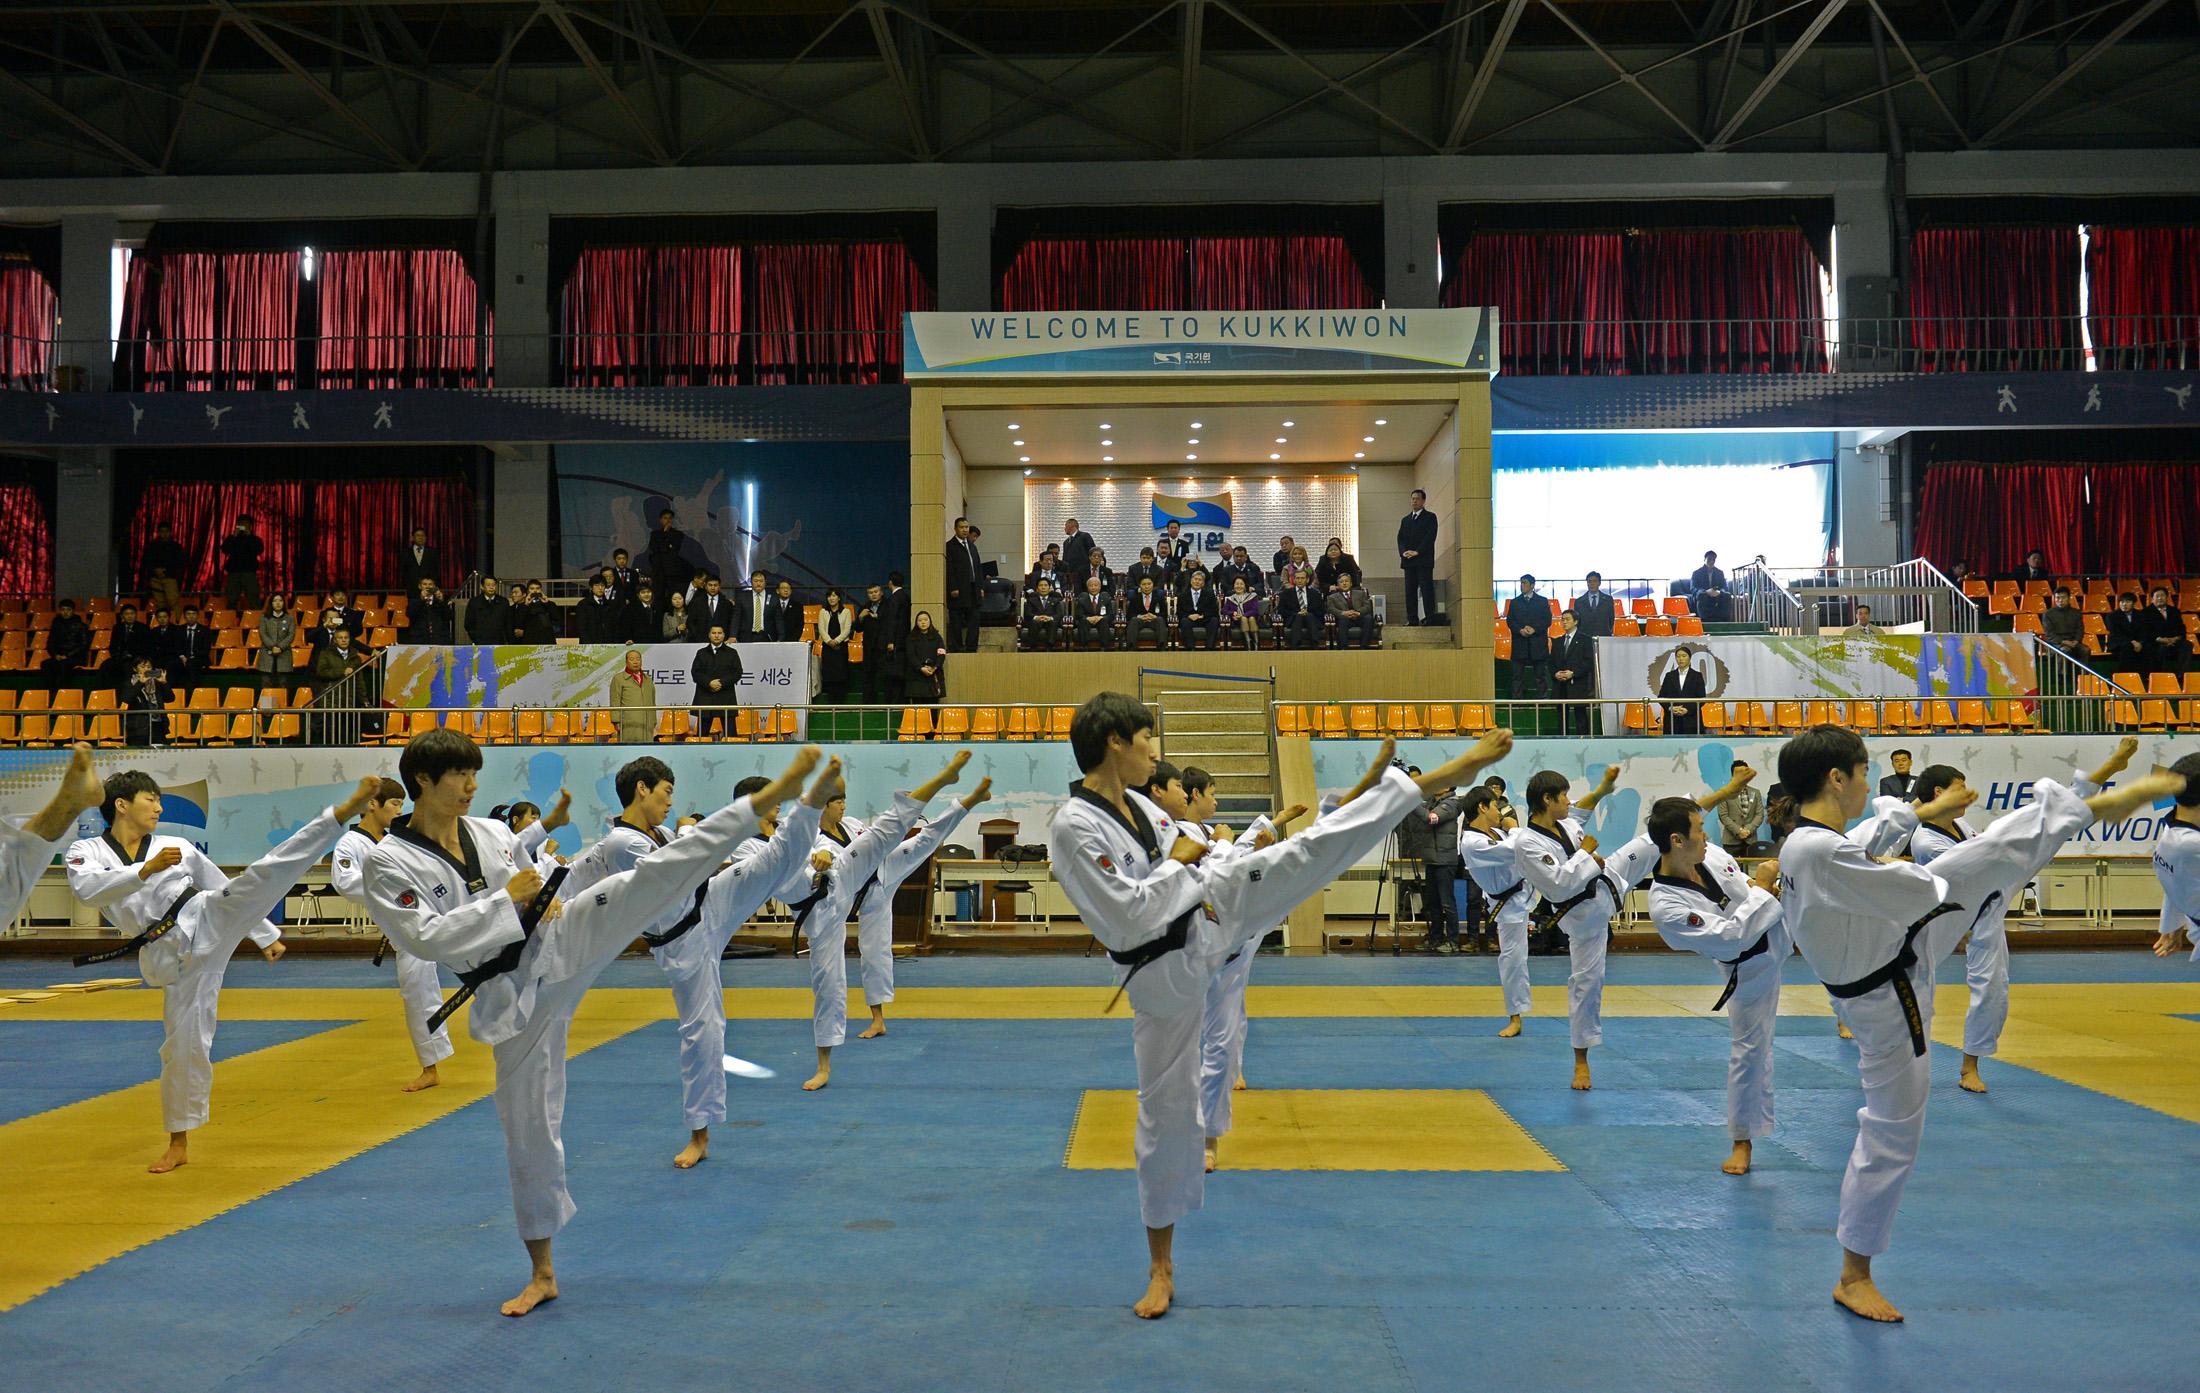 20160325-26 фото участие инь-янь на семинаре в днепрорпетровске гранд мастера фап лу черный пояс 9-дан